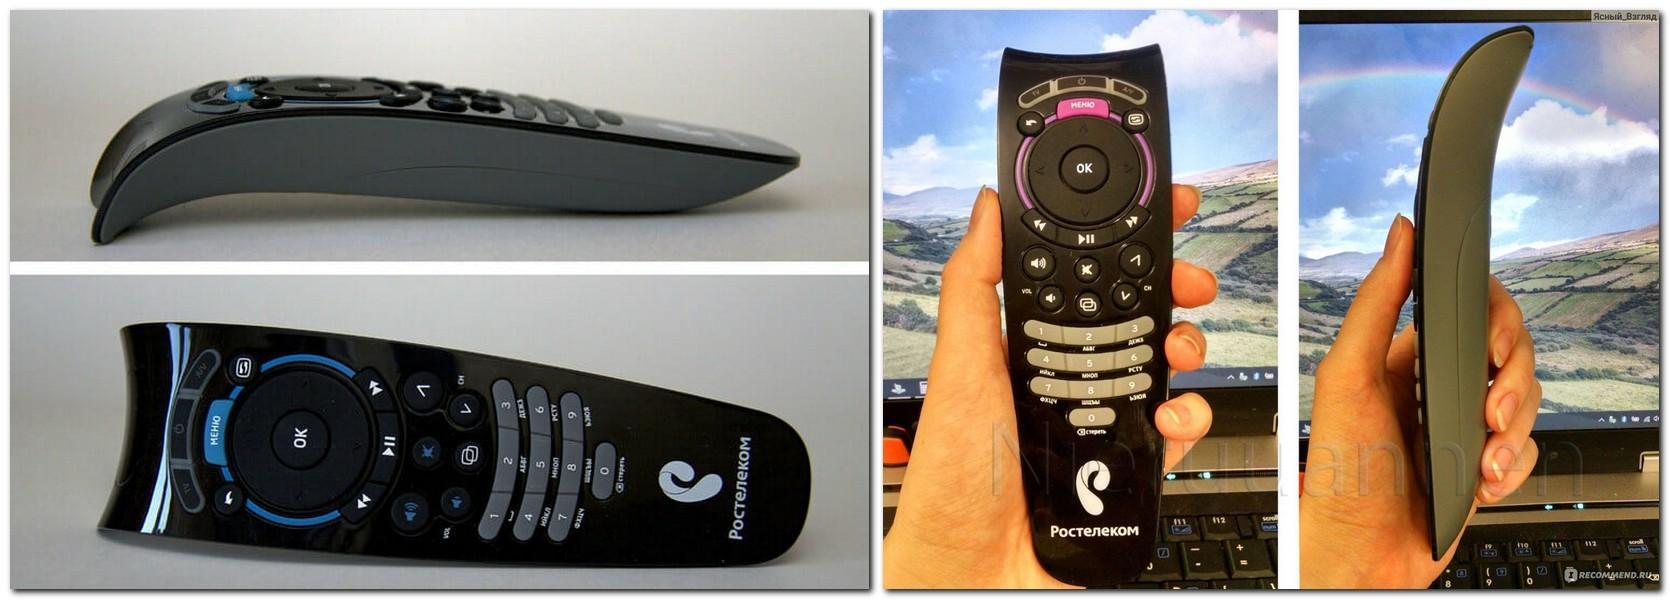 Основные способы настройки пульта Ростелеком на любой телевизор